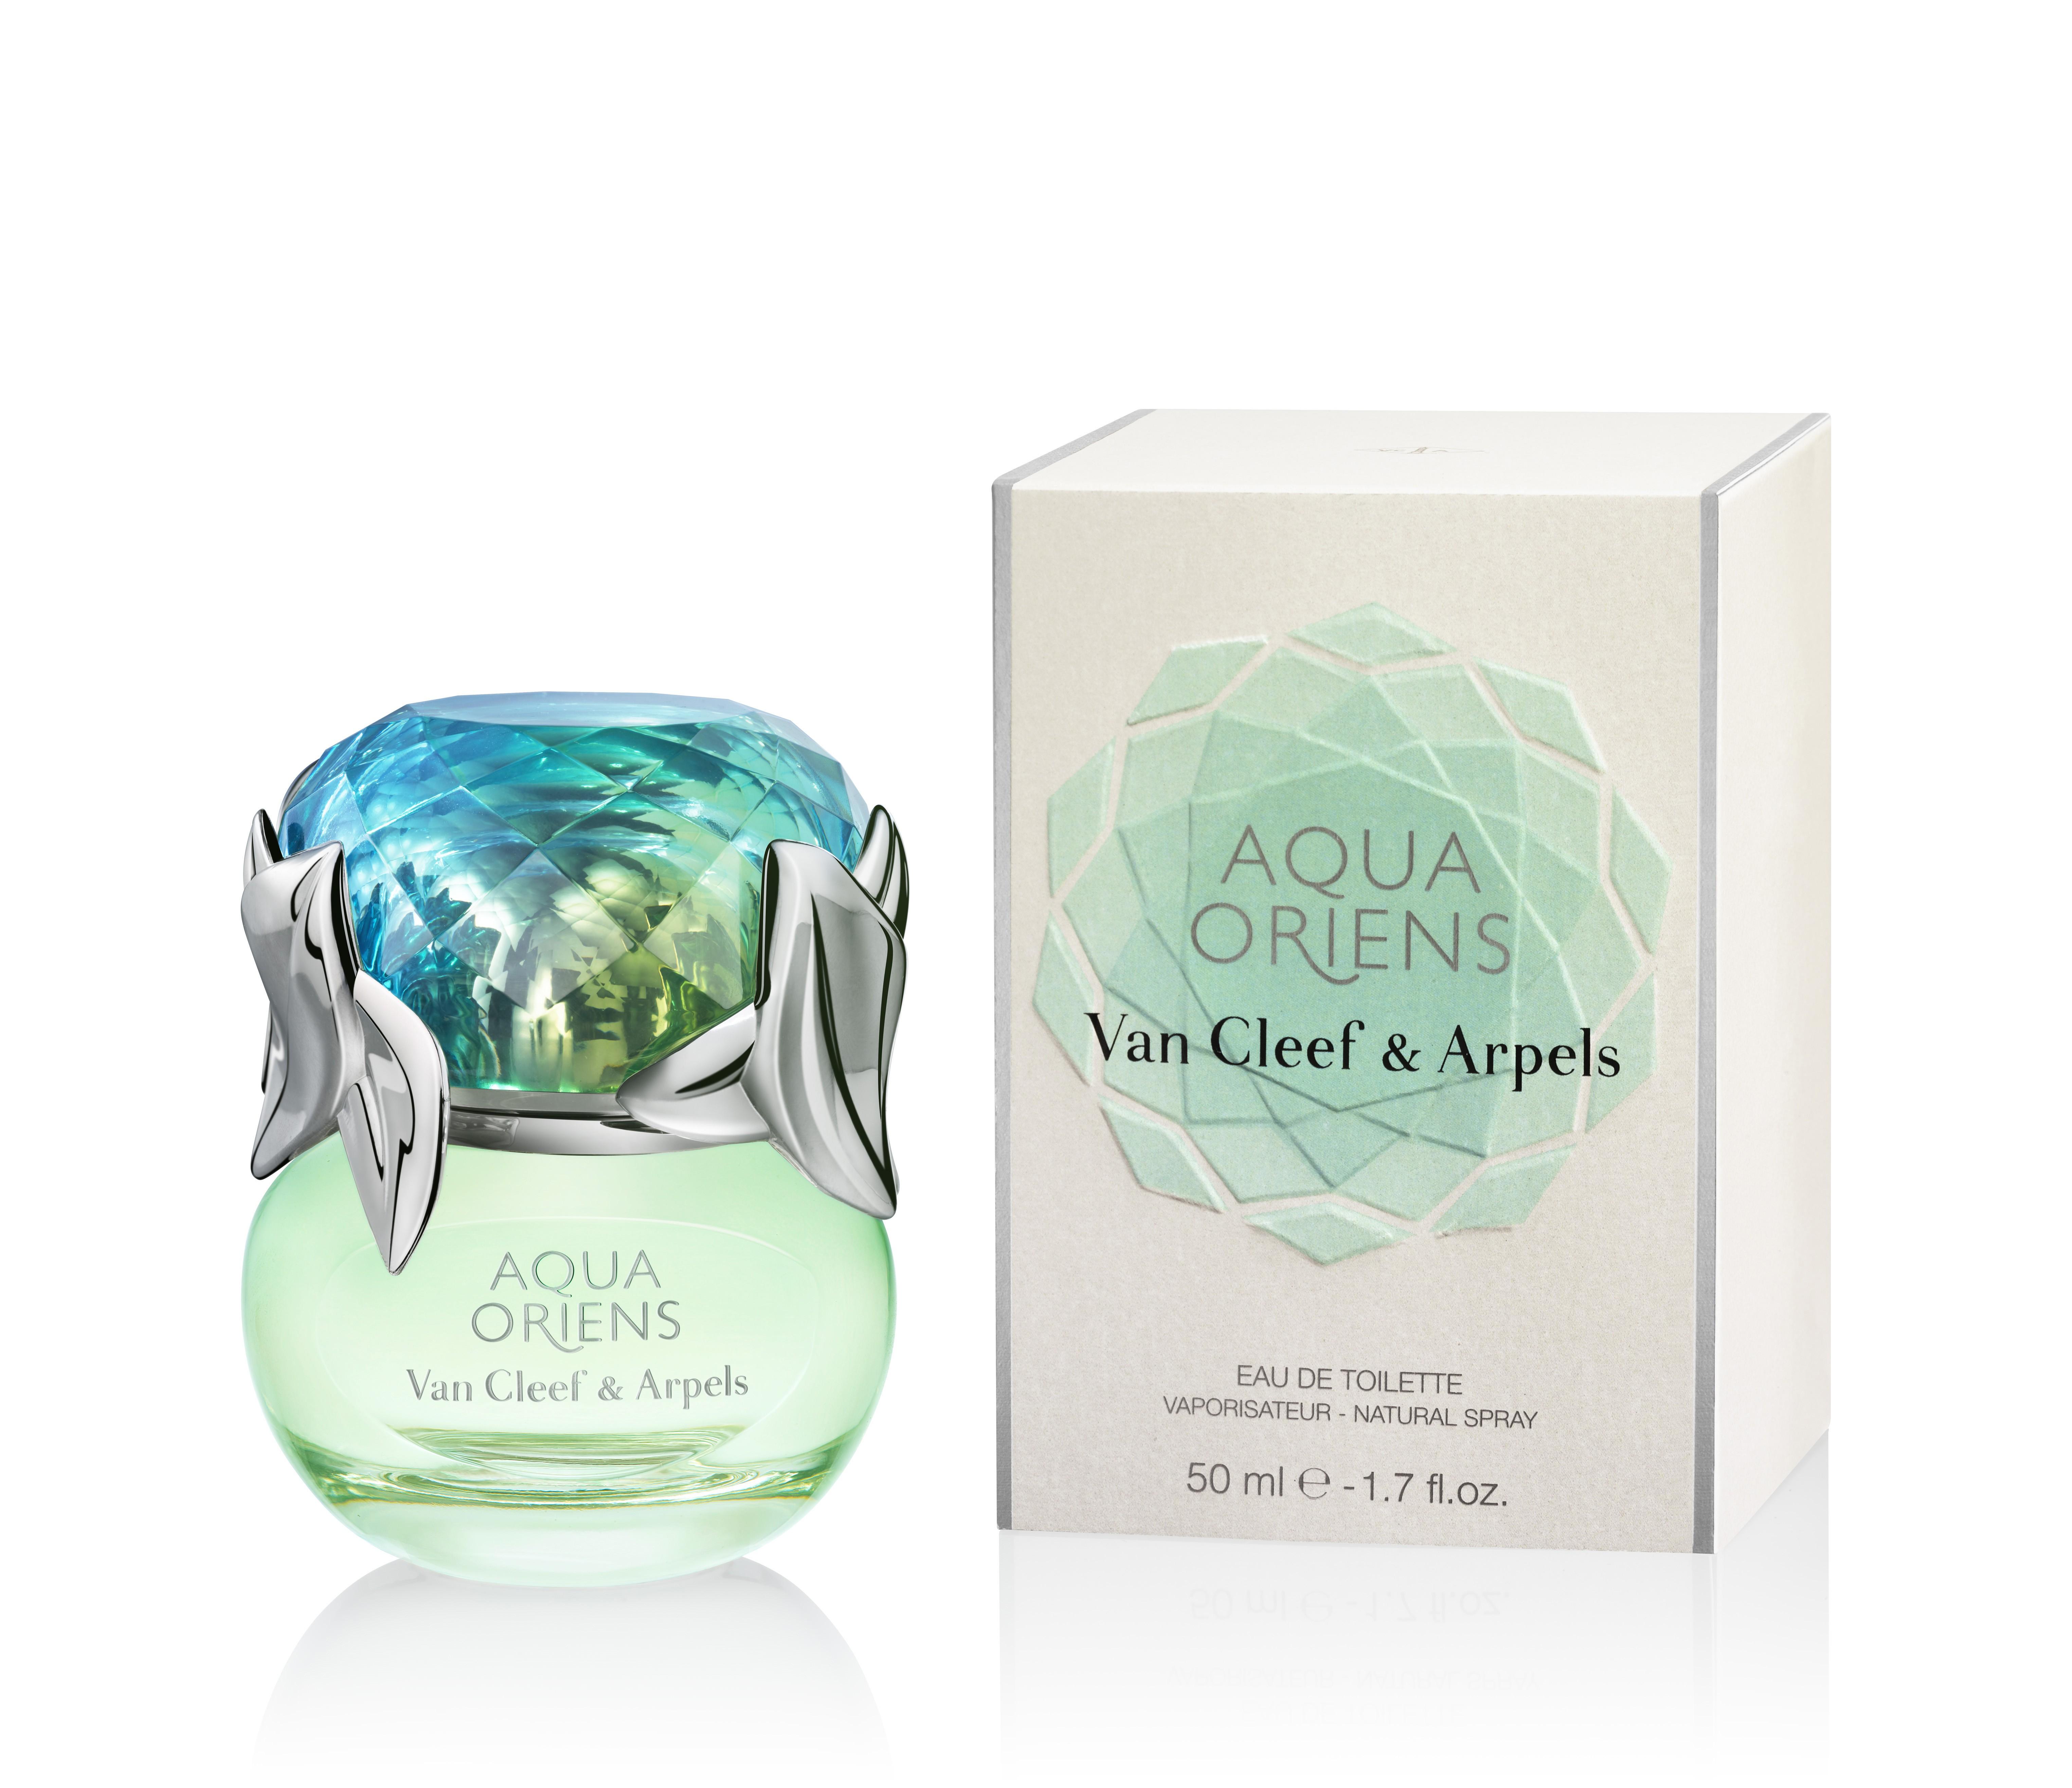 Van Cleef & Arpels Aqua Oriens аромат для женщин